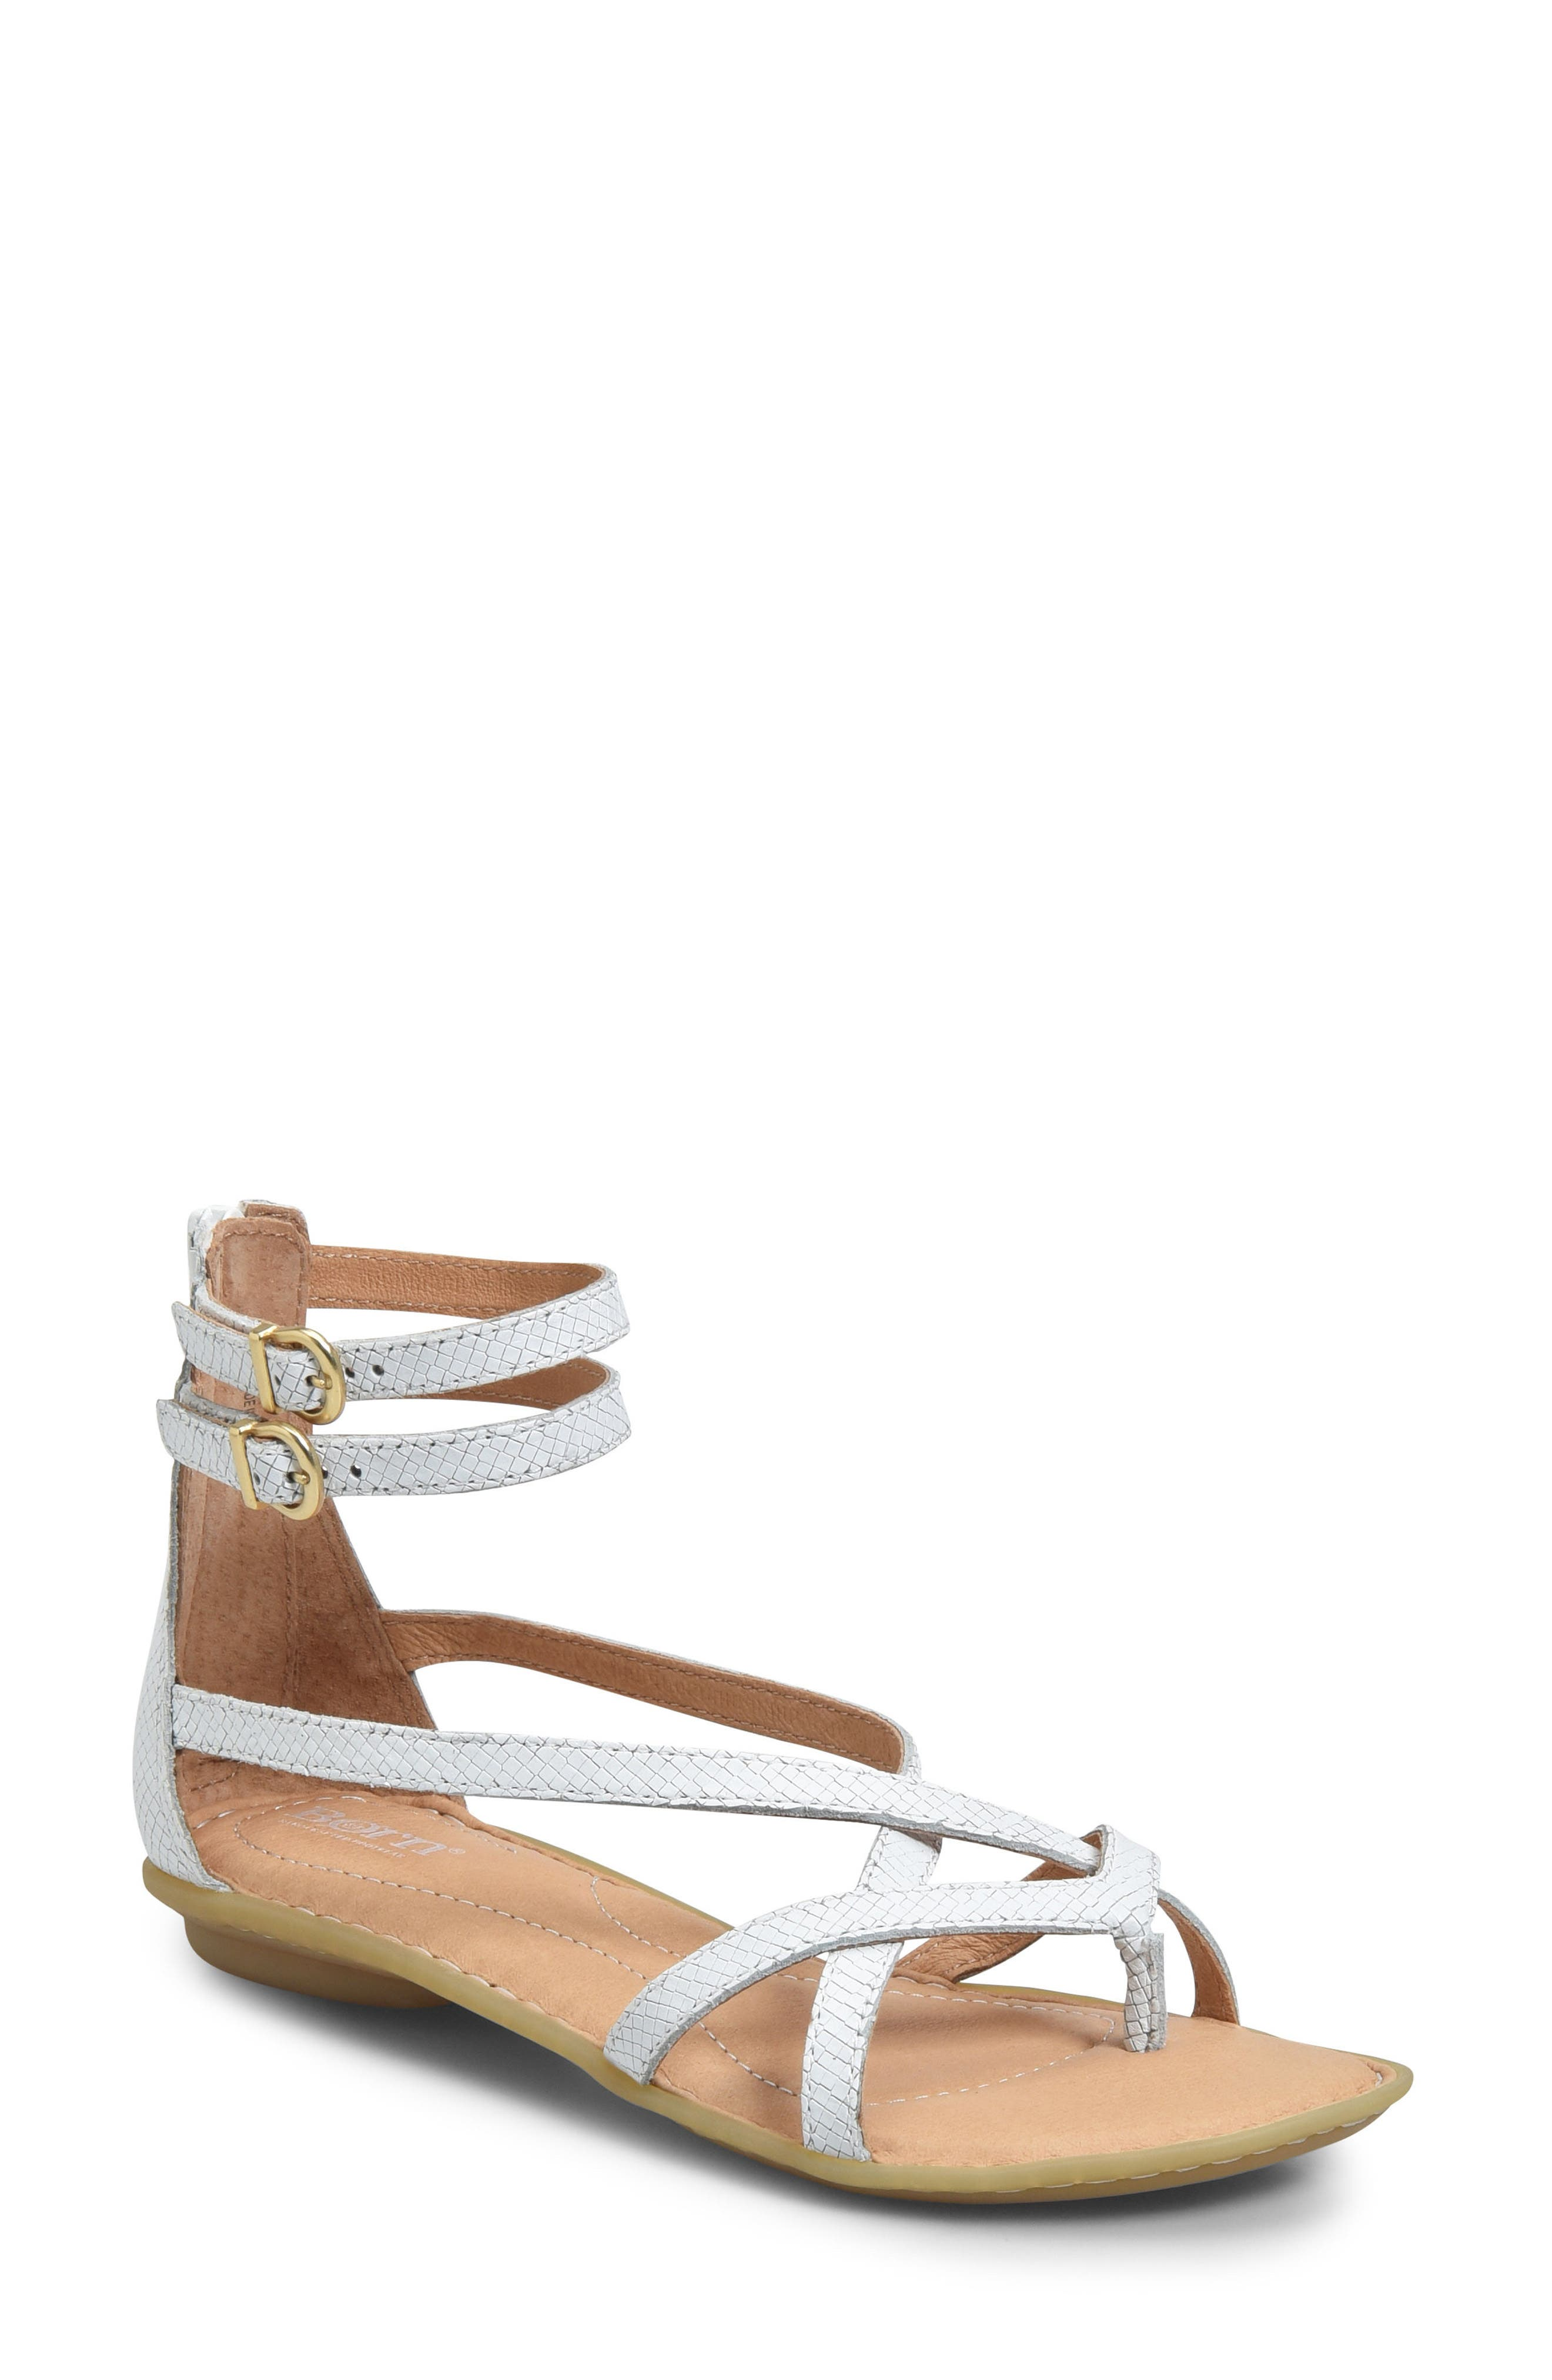 Mai Gladiator Sandal,                         Main,                         color, White Leather